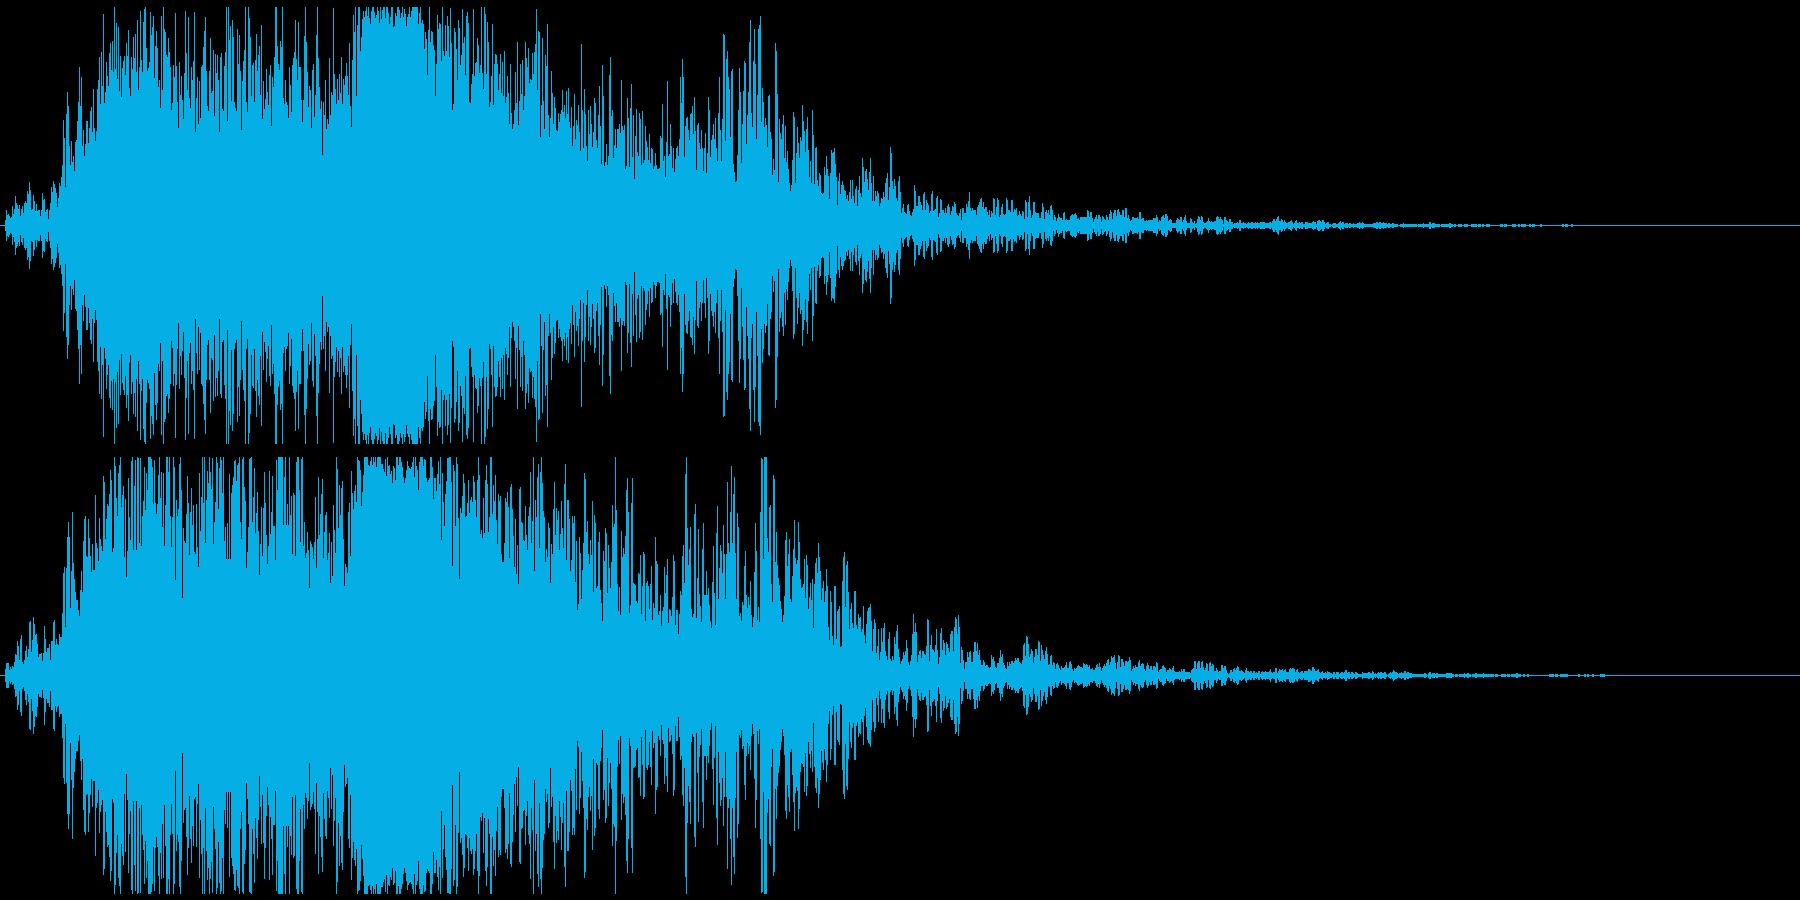 ドラゴン龍の鳴き声&シャキーン 魔法08の再生済みの波形